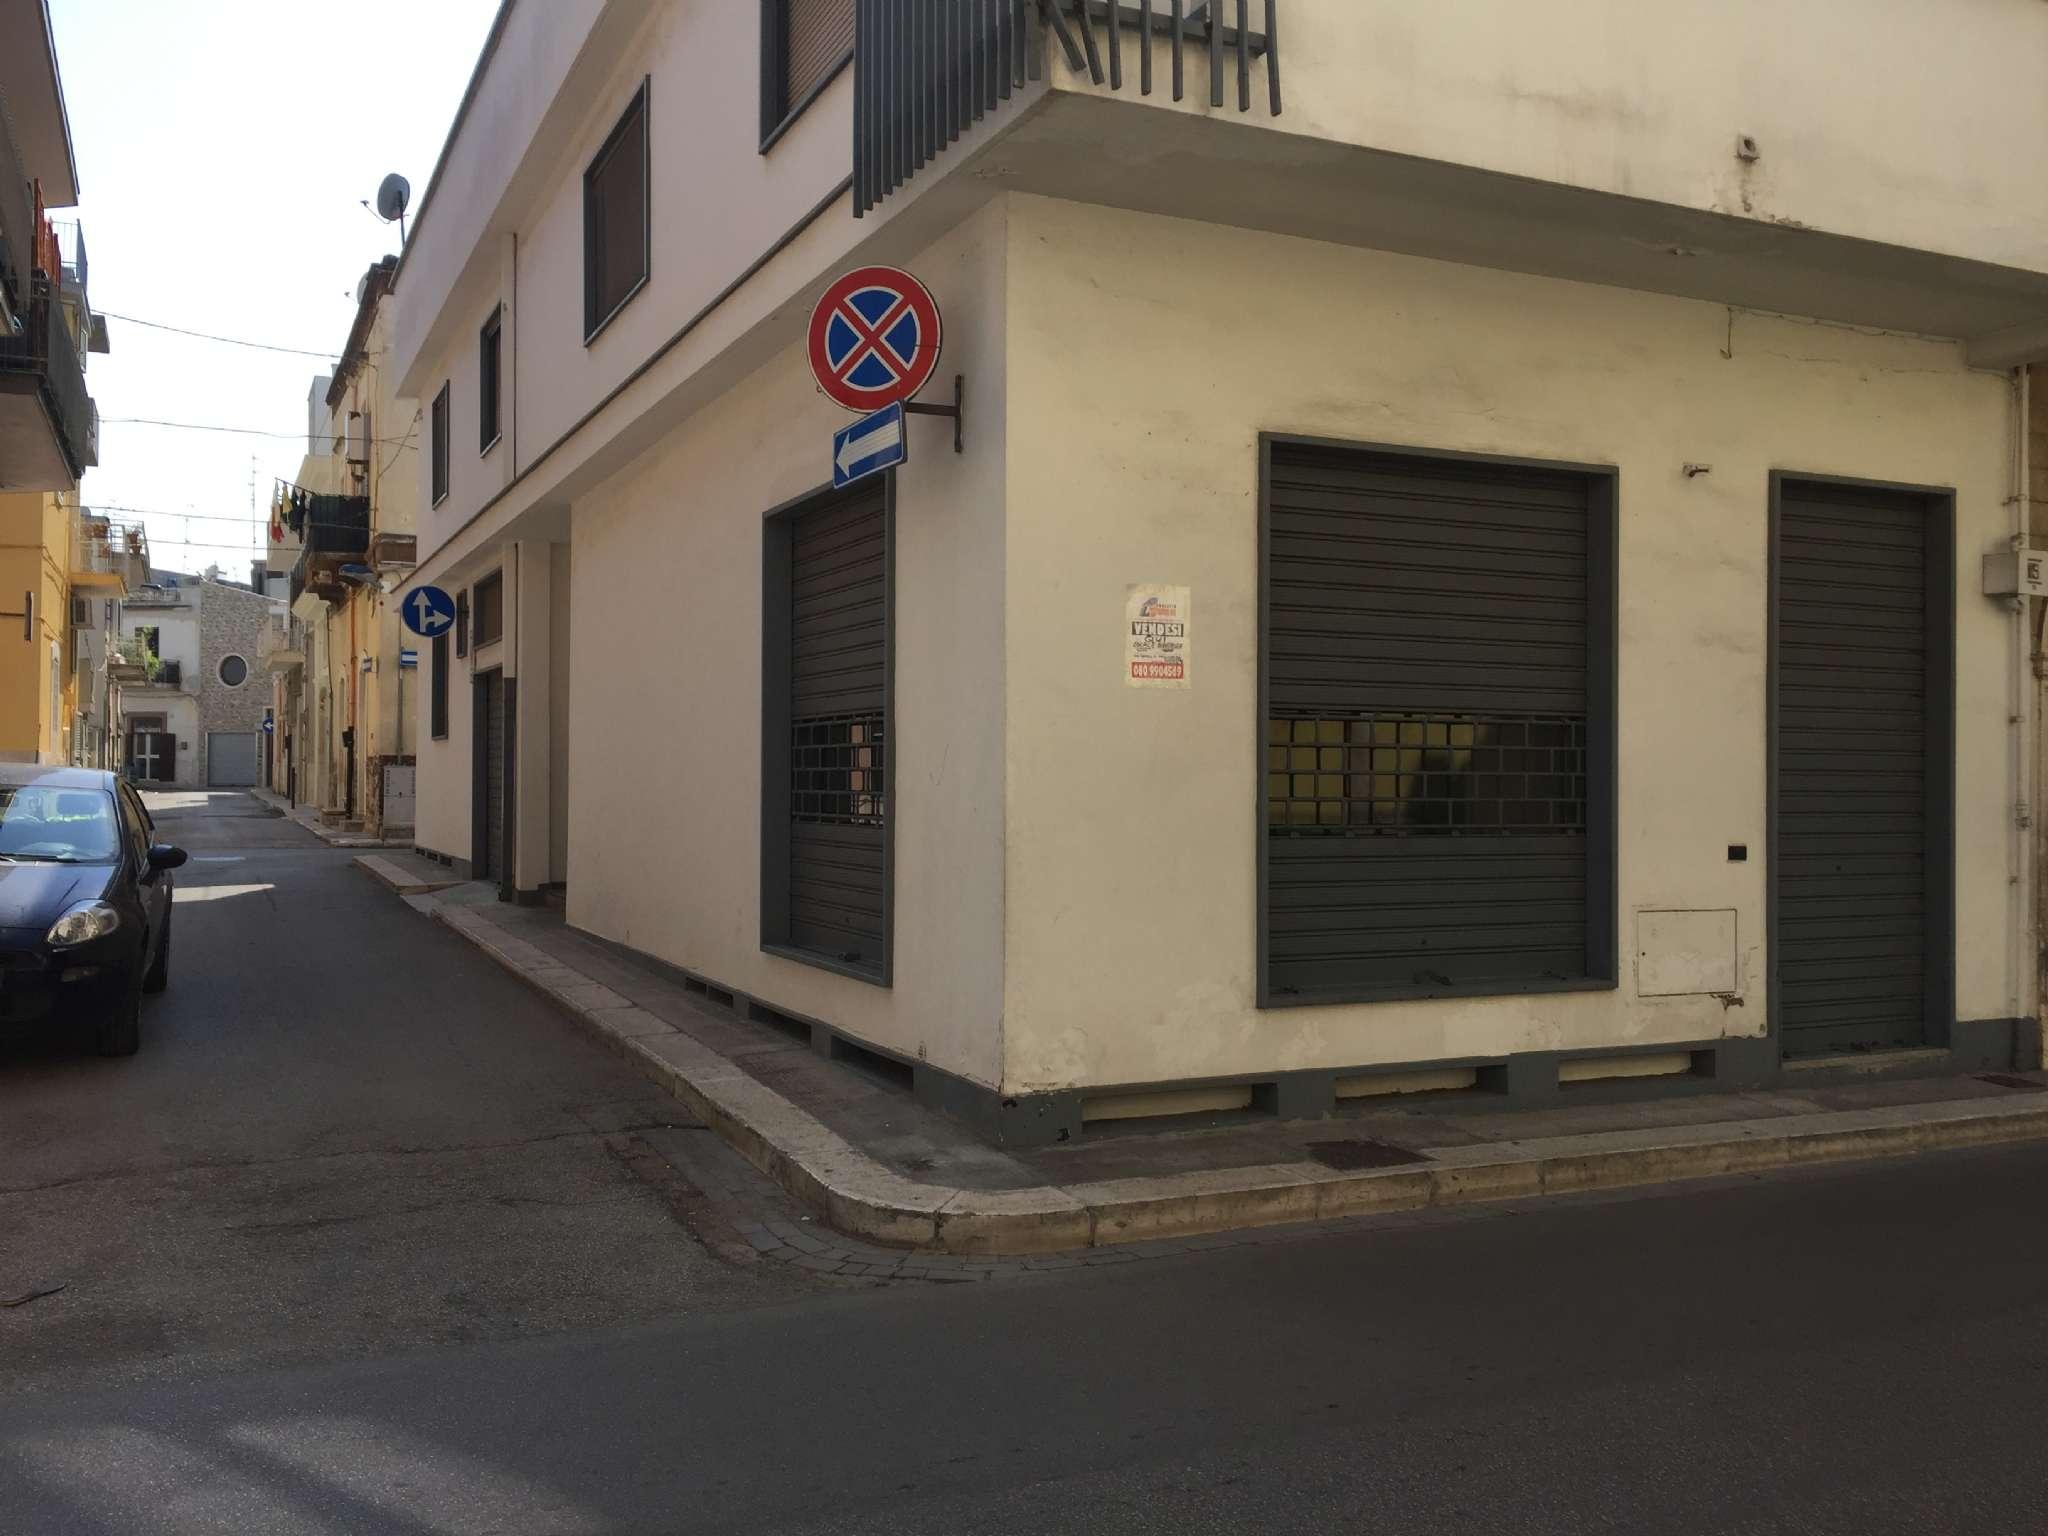 Soluzione Indipendente in vendita a Modugno, 2 locali, prezzo € 75.000 | CambioCasa.it